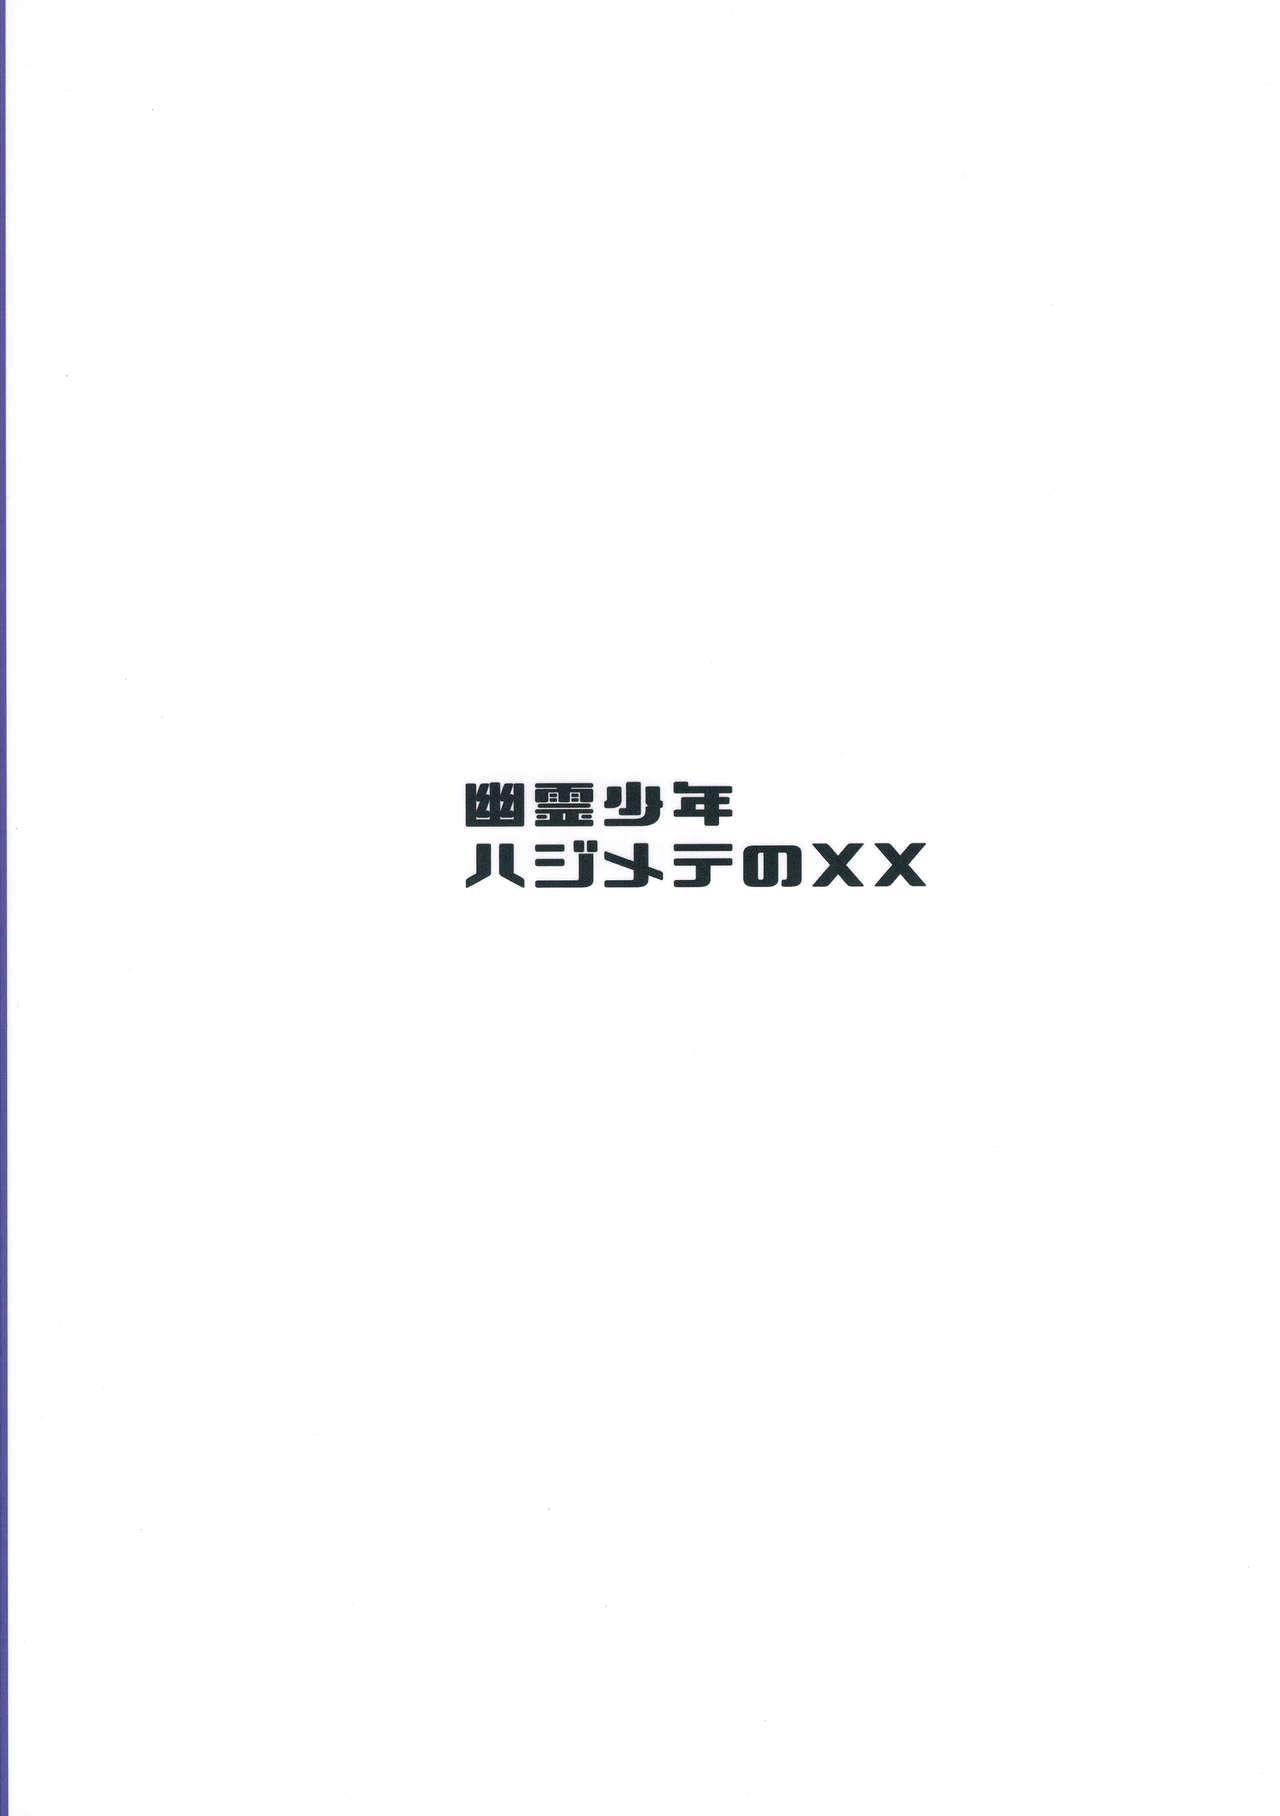 Yuurei Shounen Hajimete no XX 26